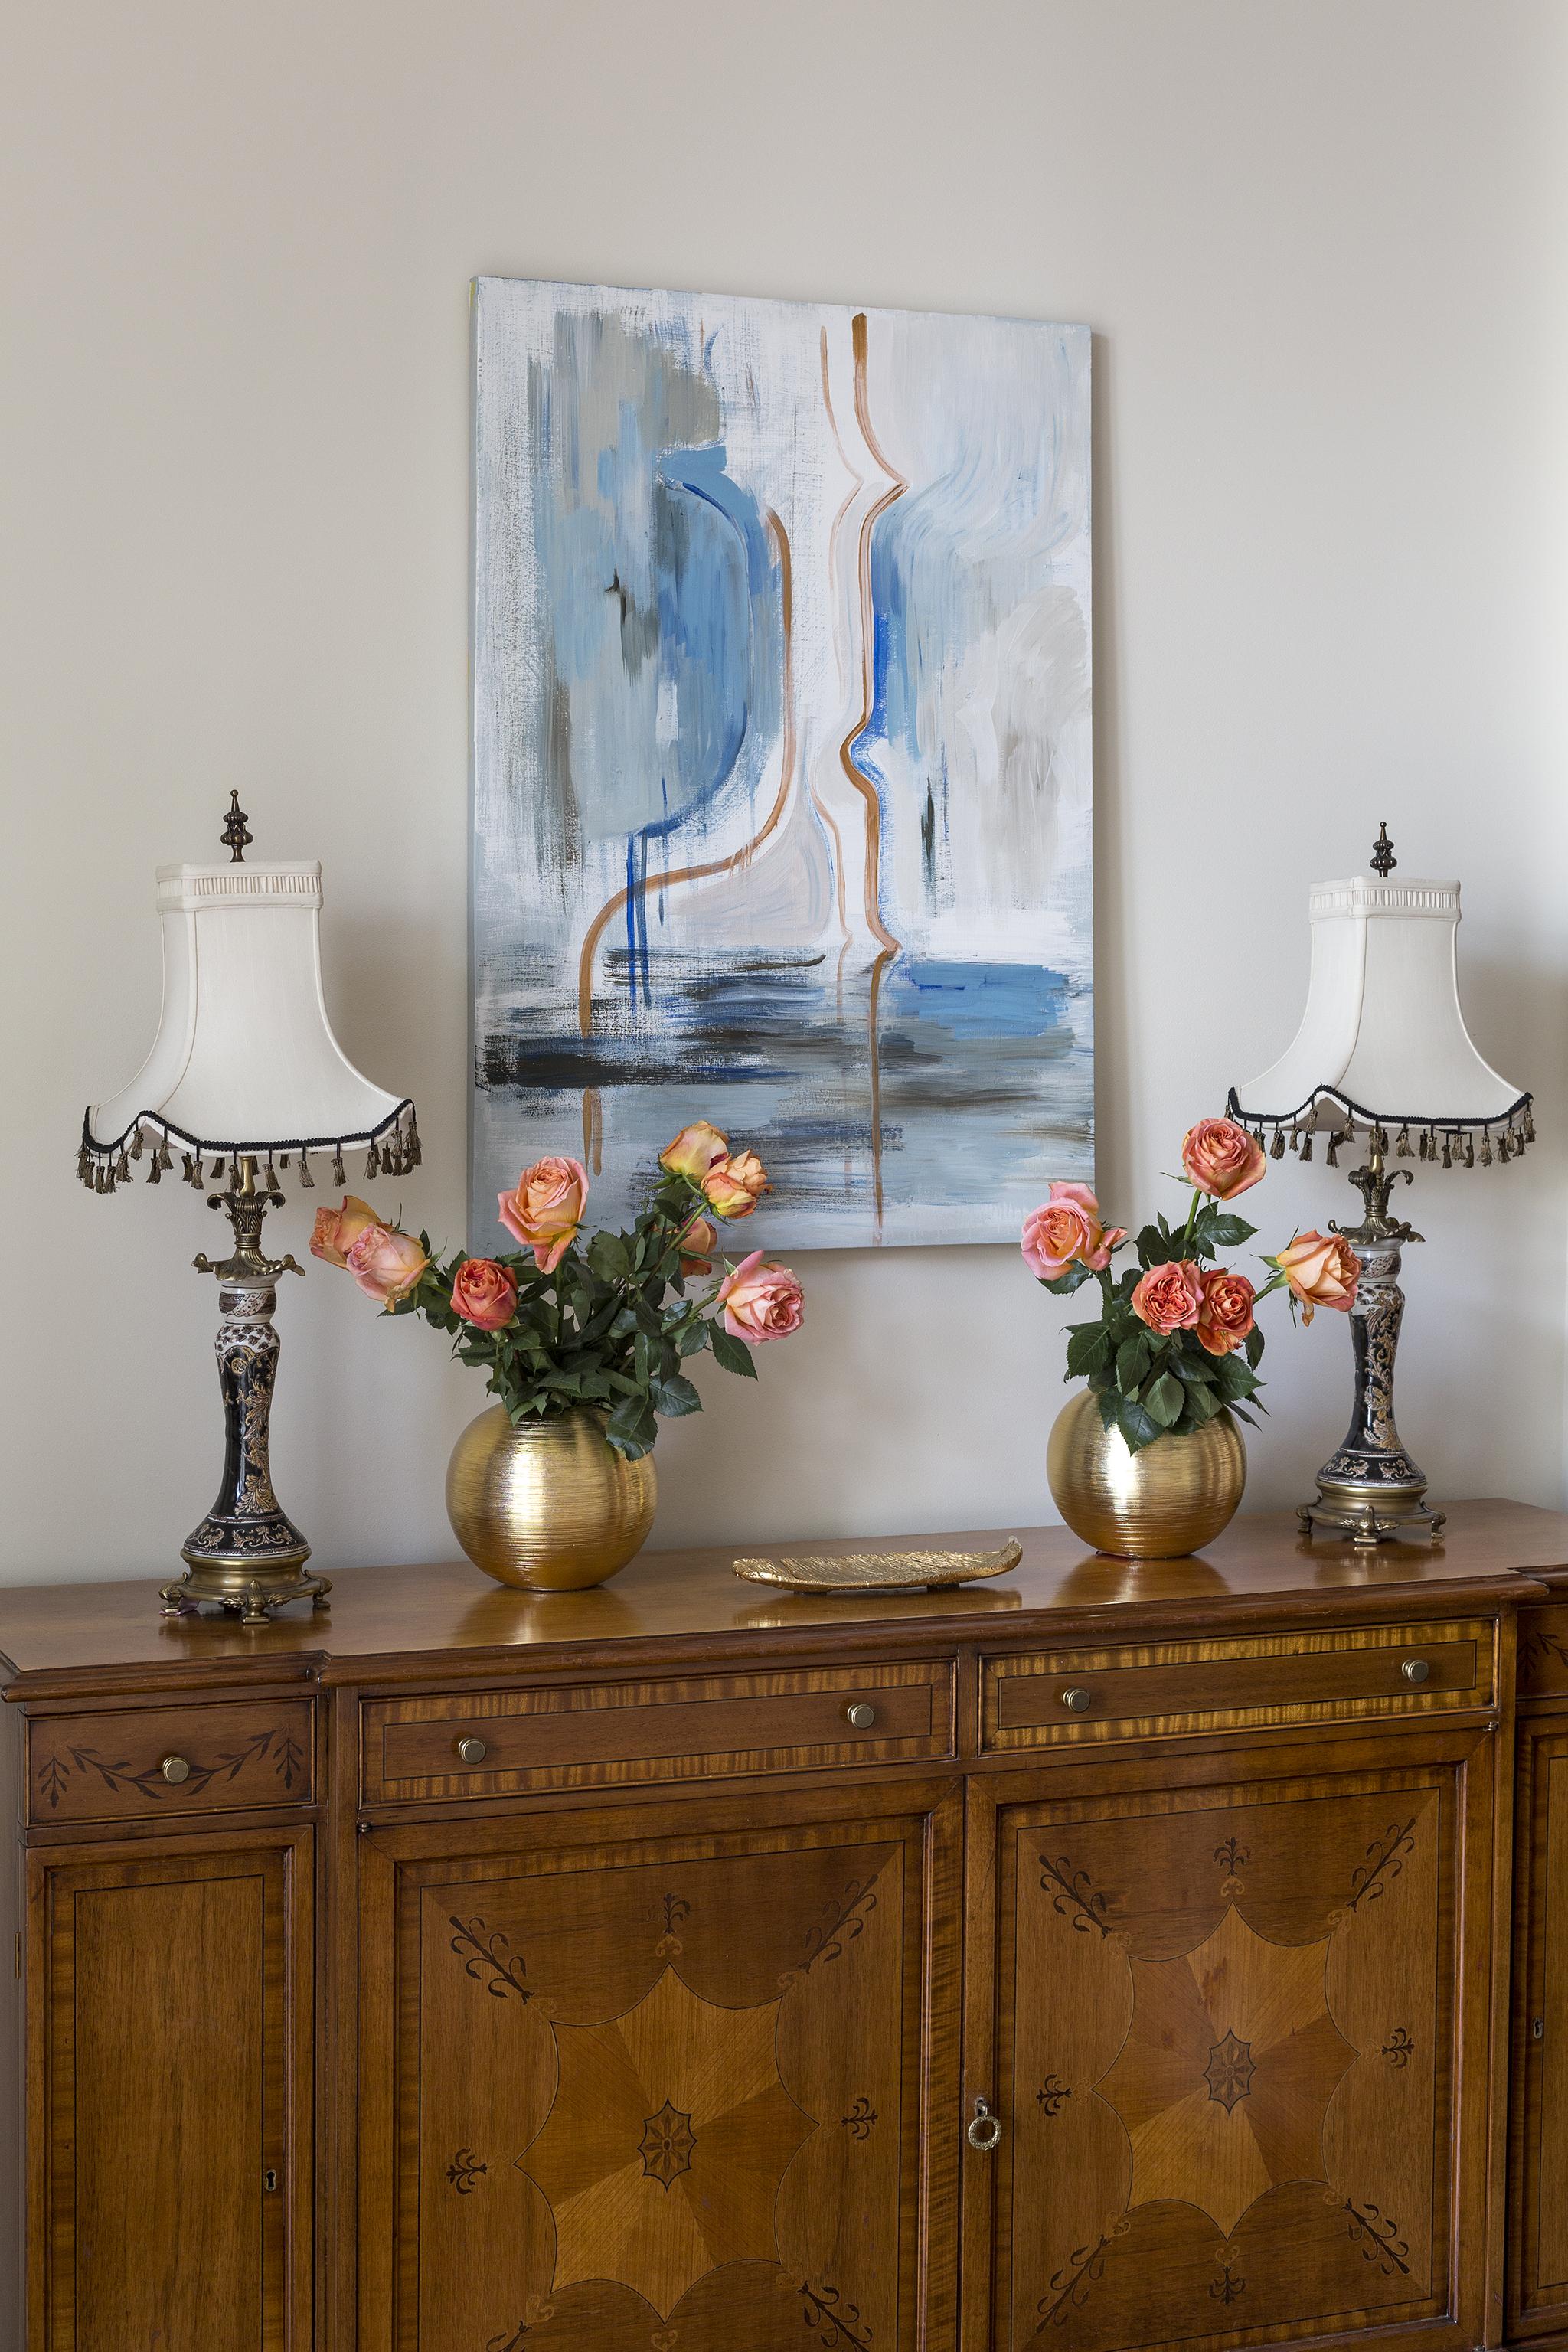 Чтобы слегка разбавить такую классическую атмосферу, над комодом поместили современное искусство крупного формата.